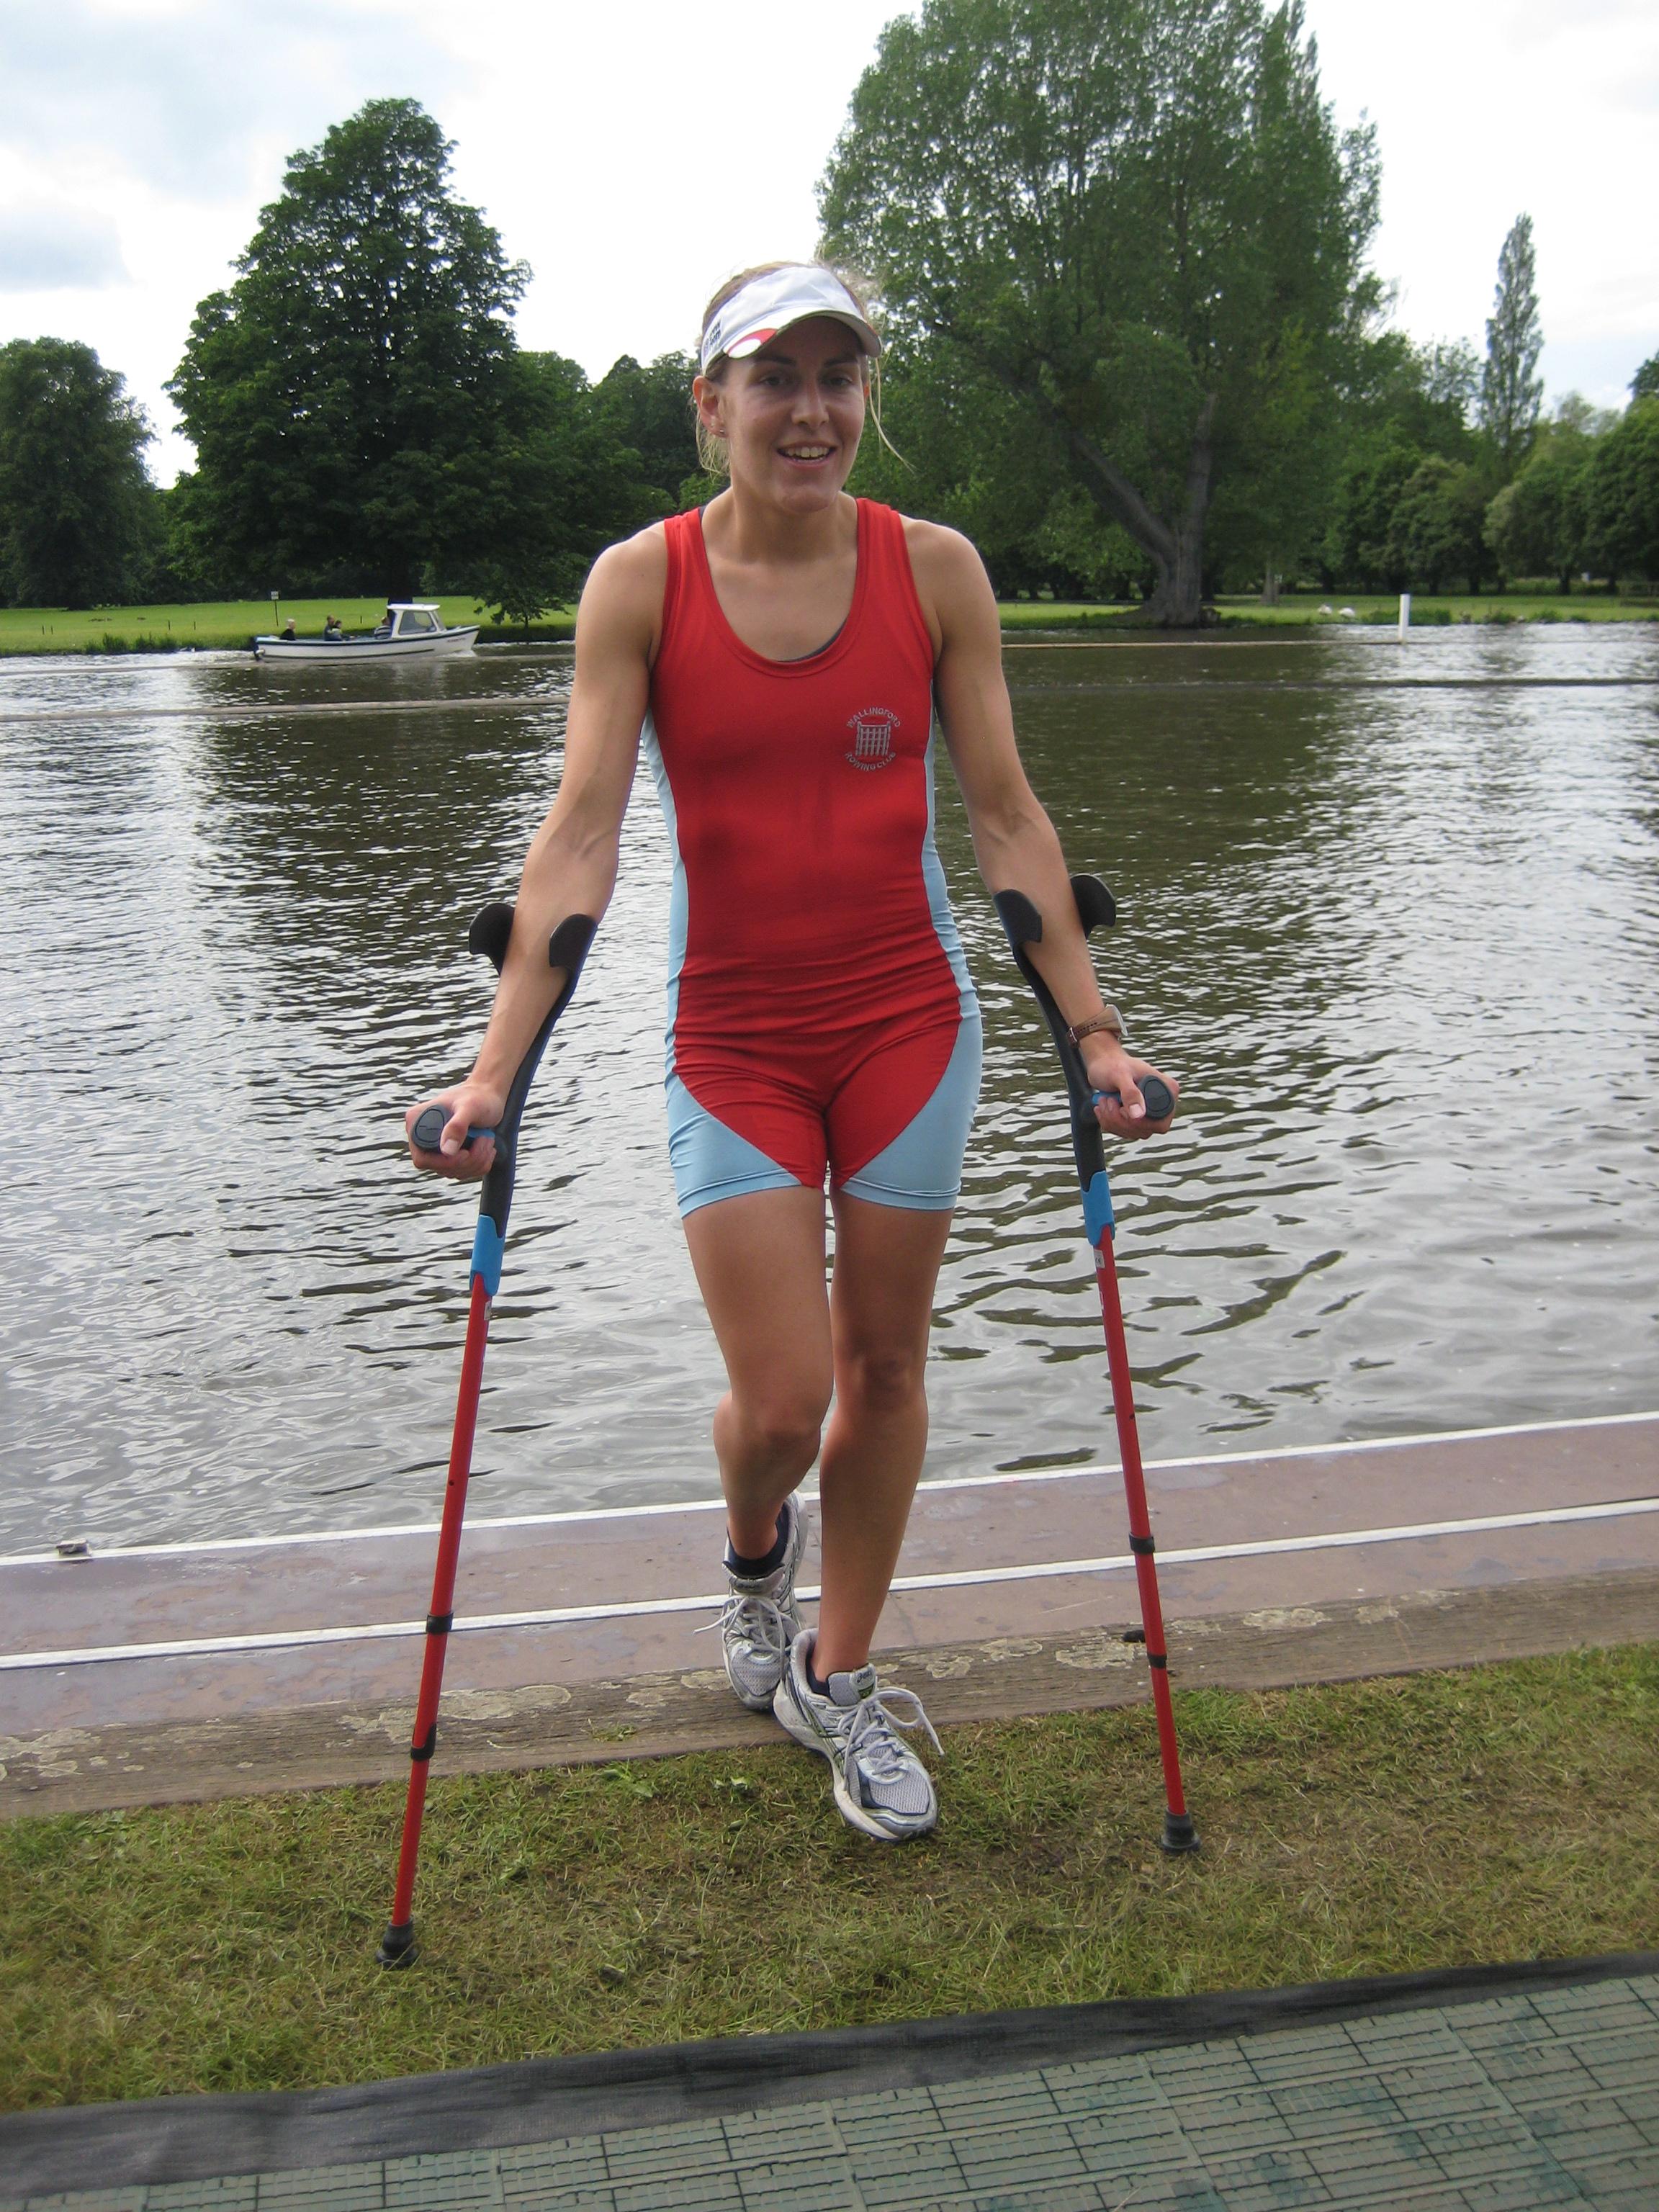 Women On Crutches